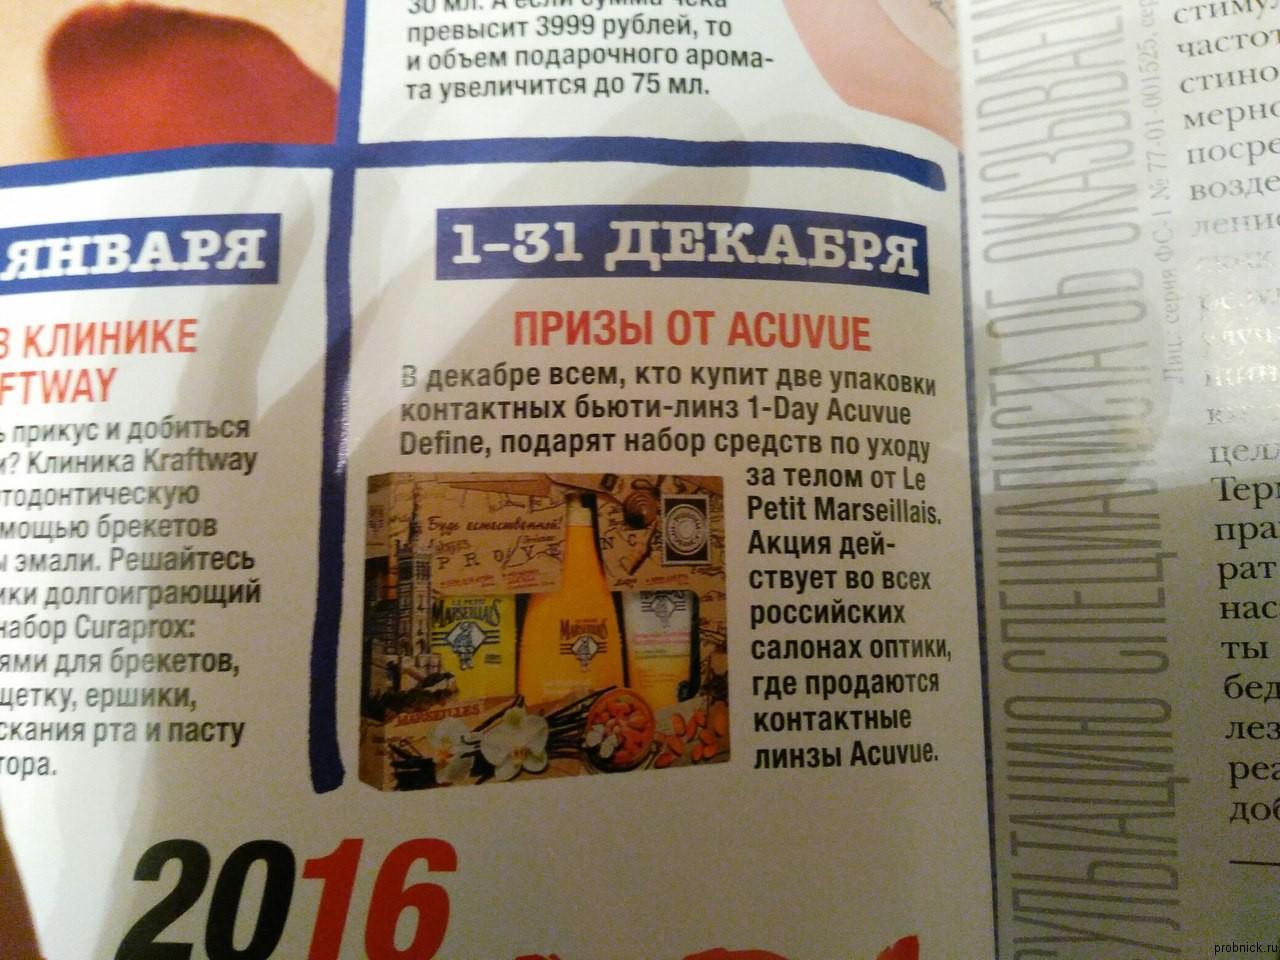 acuvue_podarki_ghb_pokupke_15